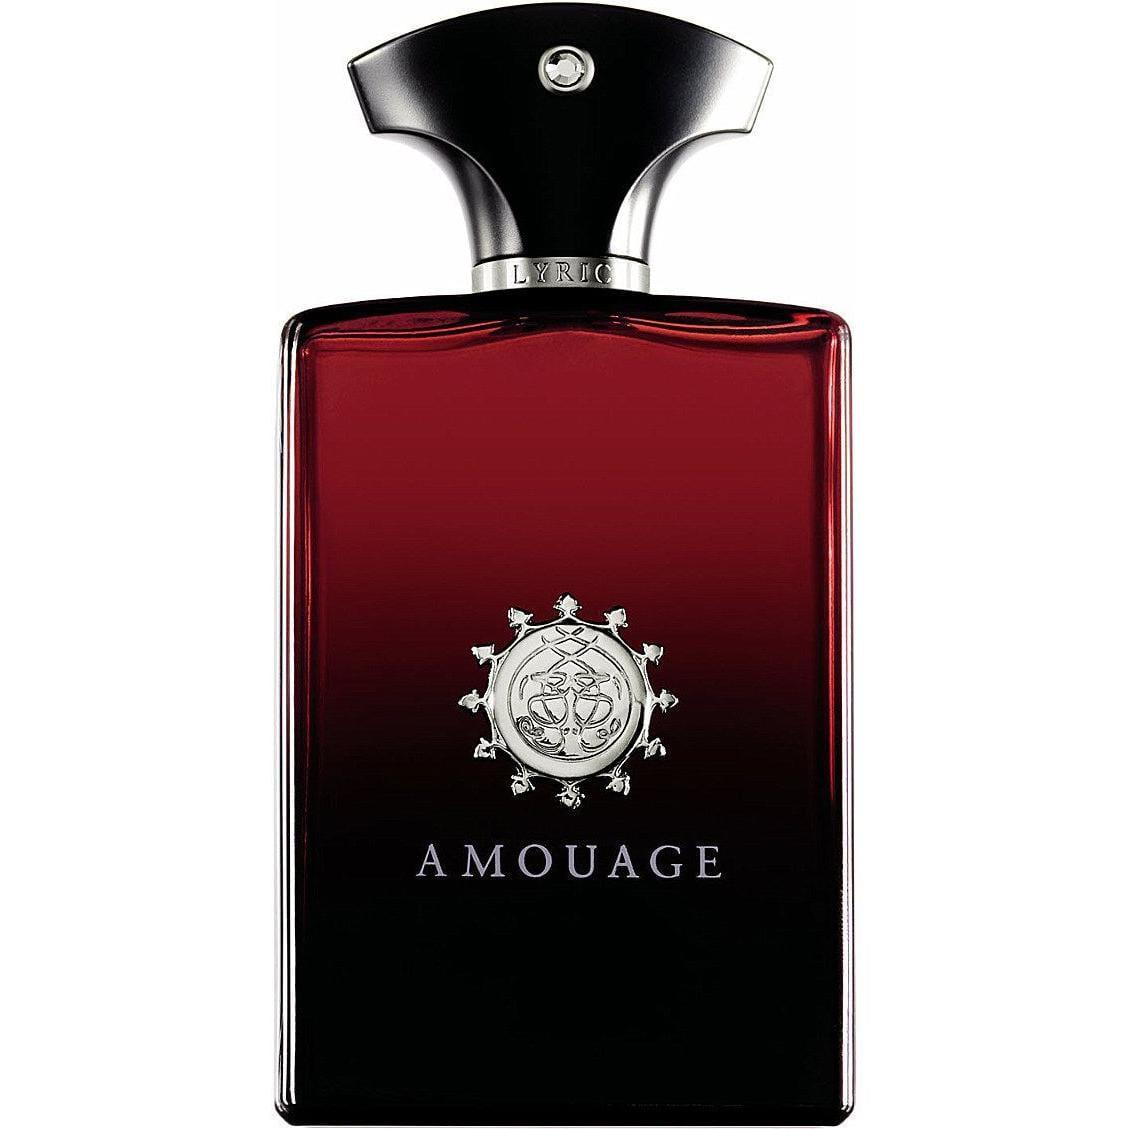 Amouage Lyric Man Fragrance Samples In Sizes 1ml 30ml Uk Based